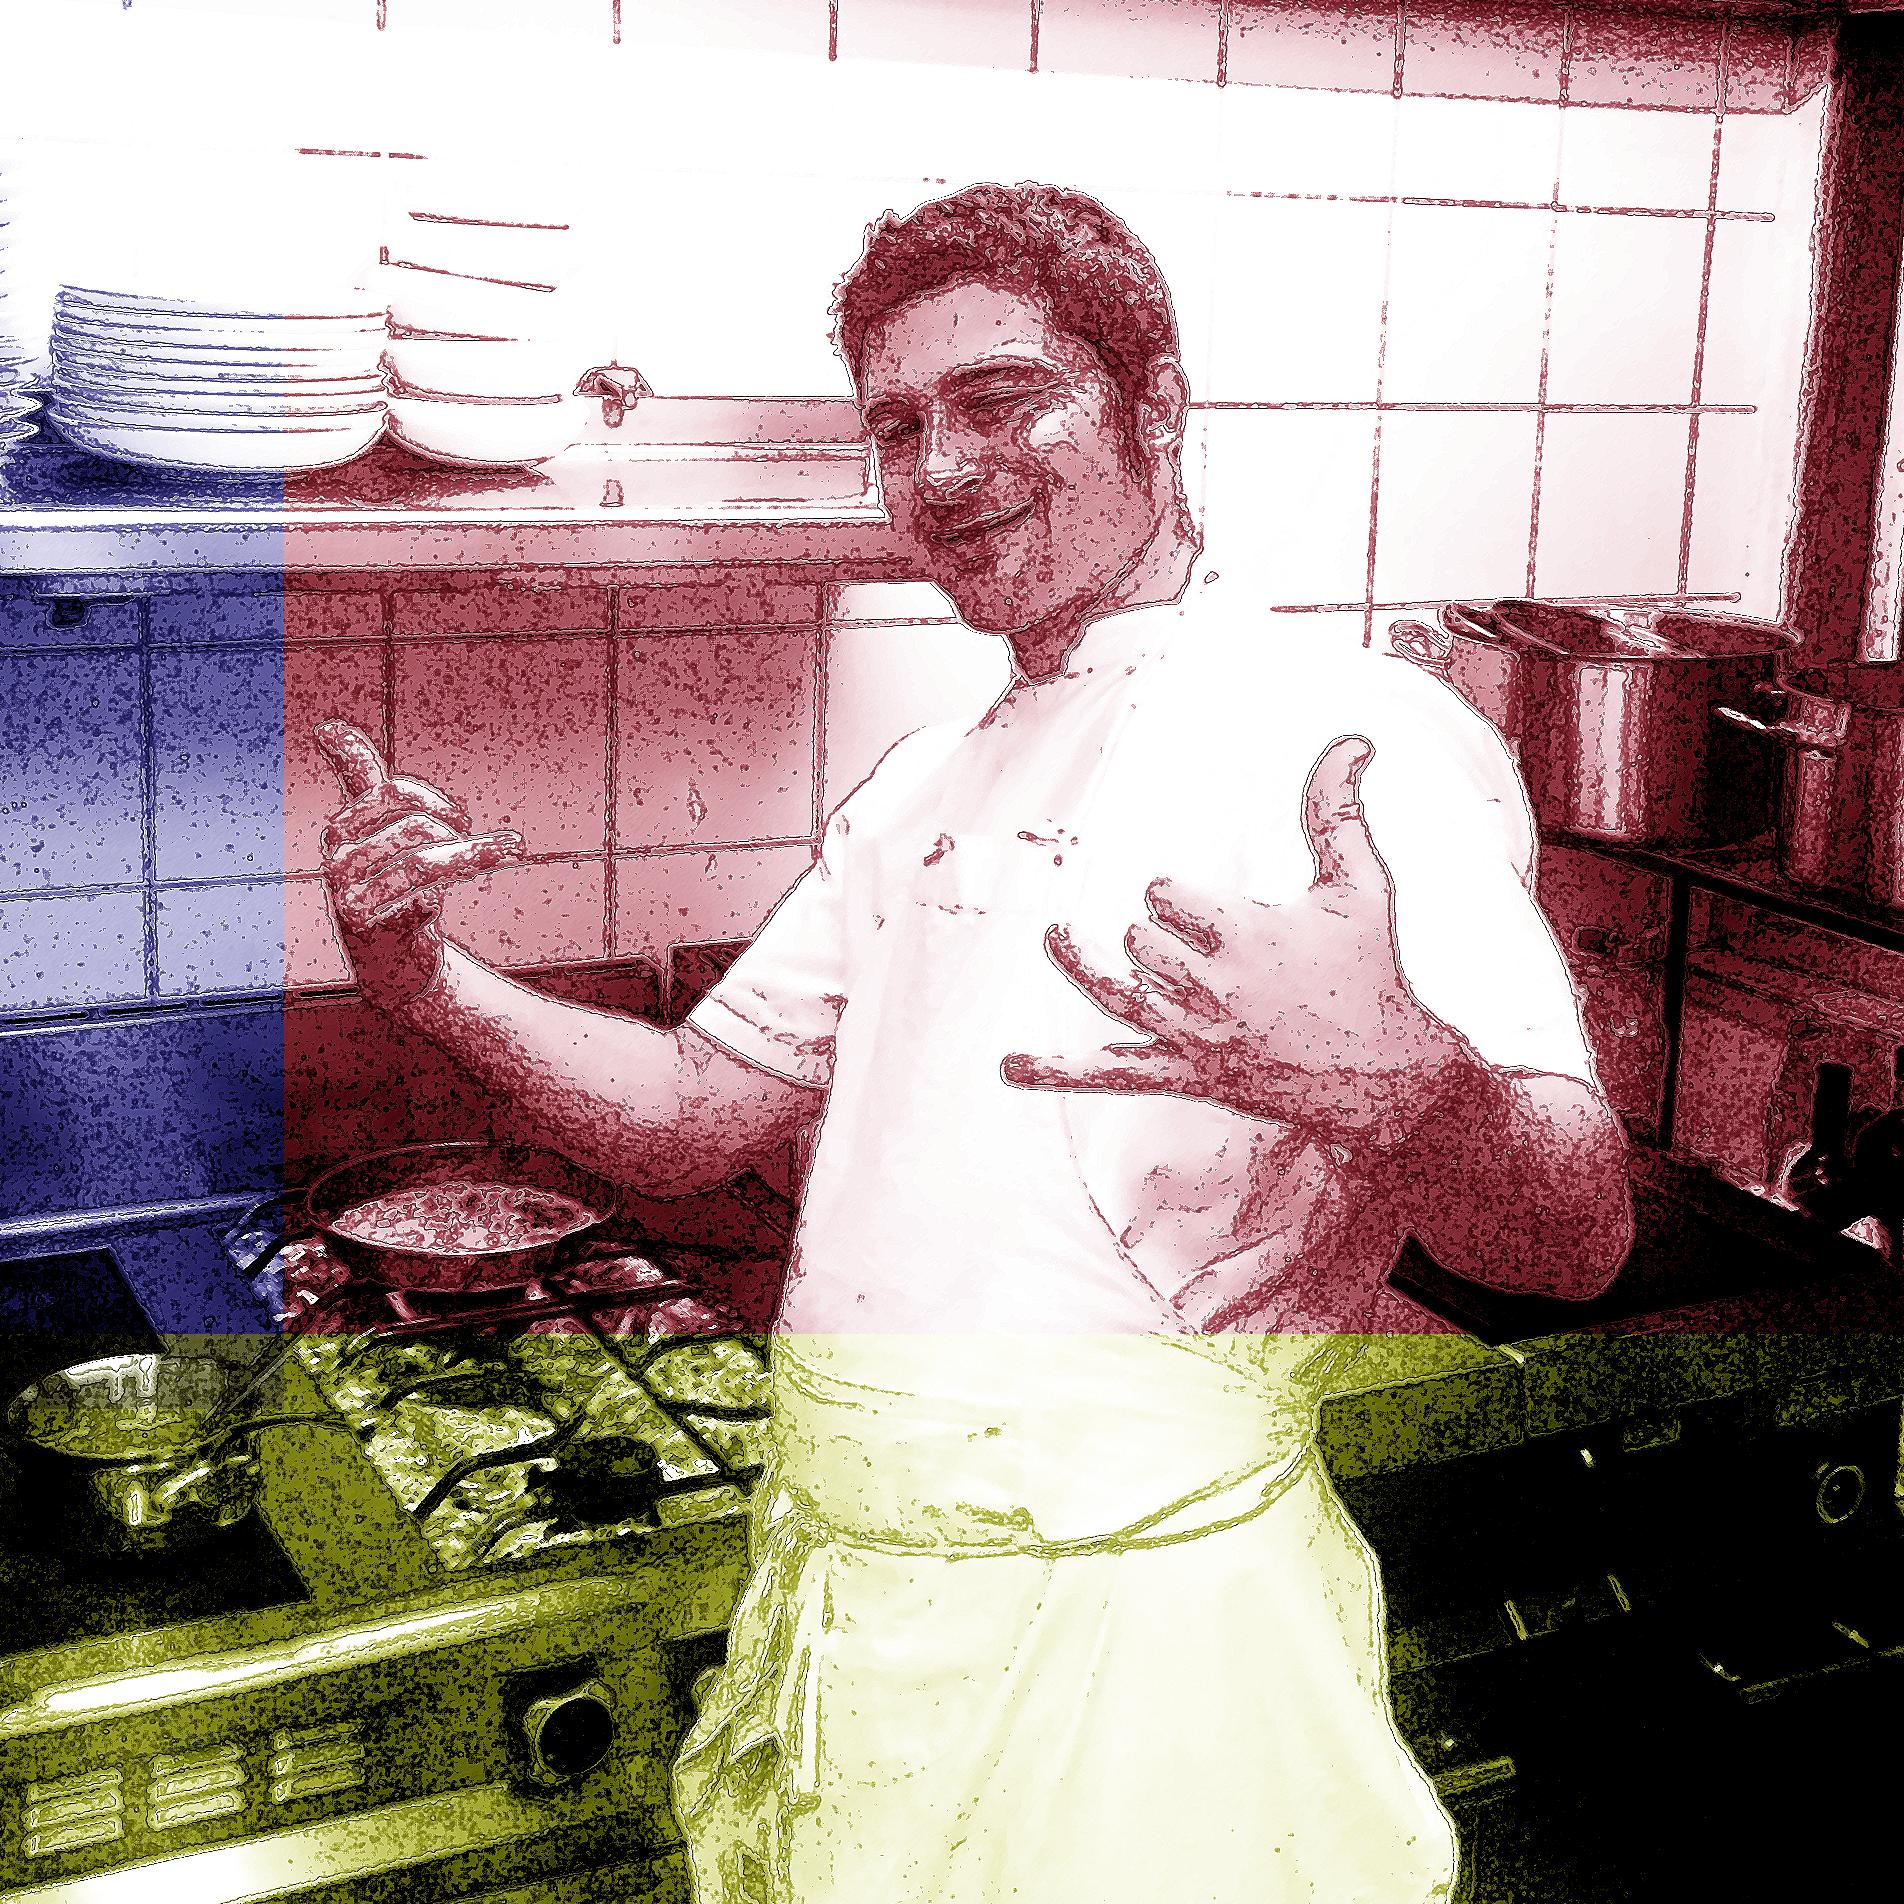 Le chef se lâche / Coquillages & crustacés